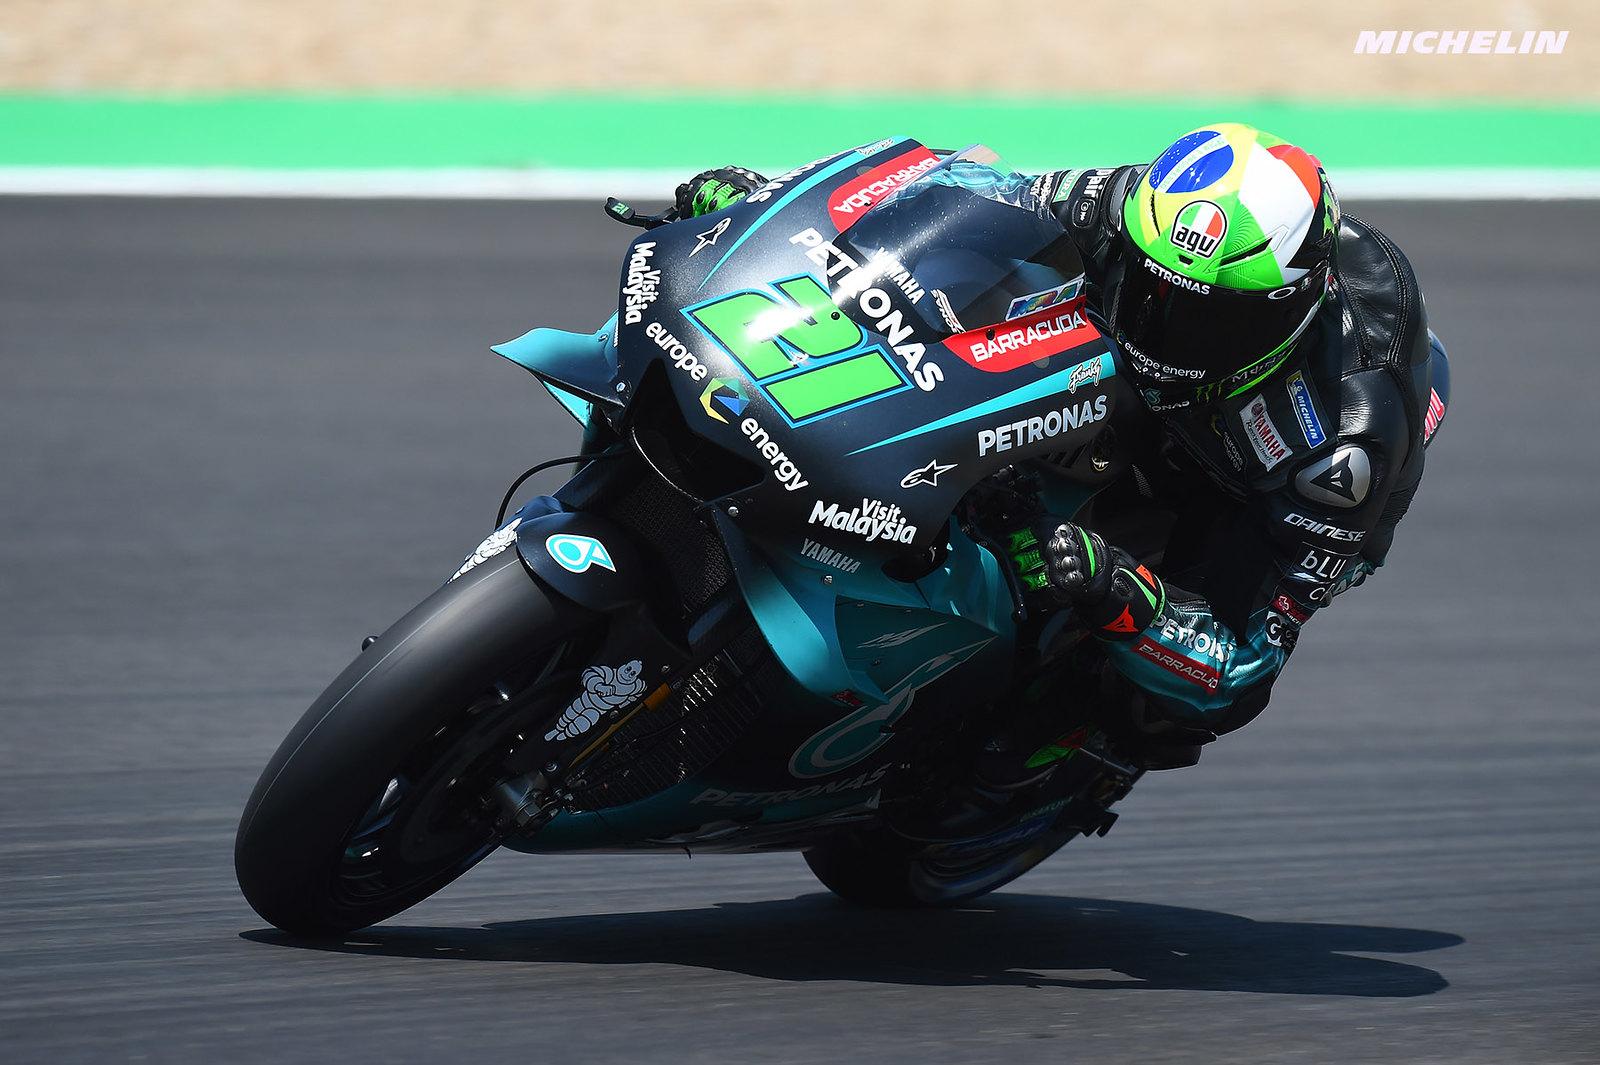 MotoGP2019フランスGP モルビデッリ「表彰台獲得が現実味を帯びてきた」